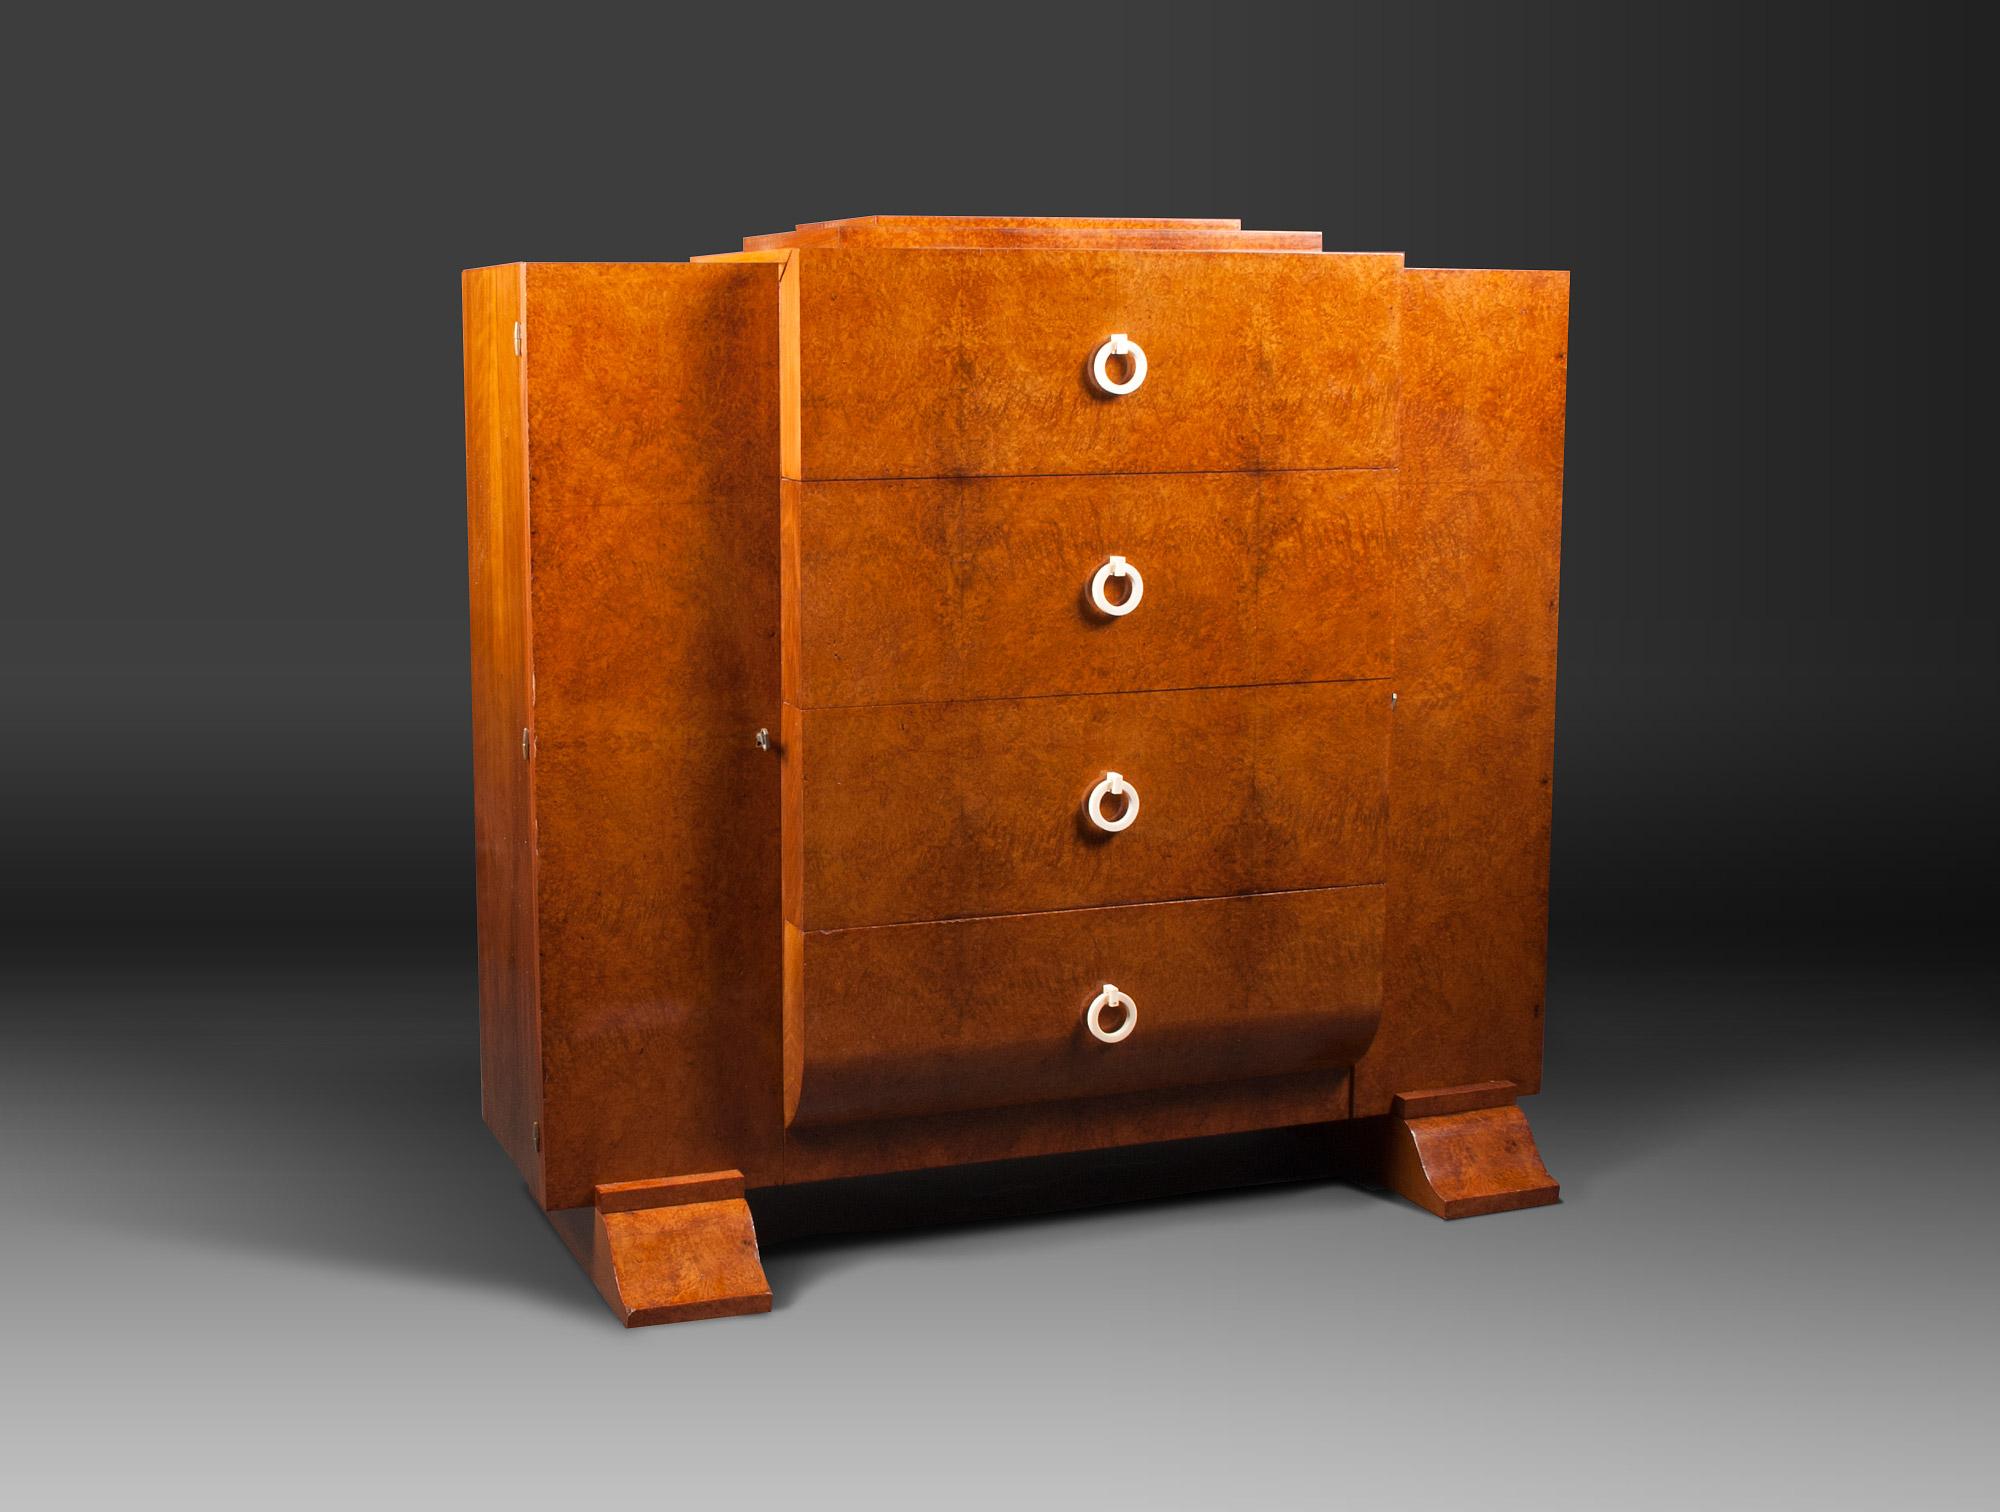 Meuble D Appui 1930 Soubrier Louer Rangements Commode Art Deco